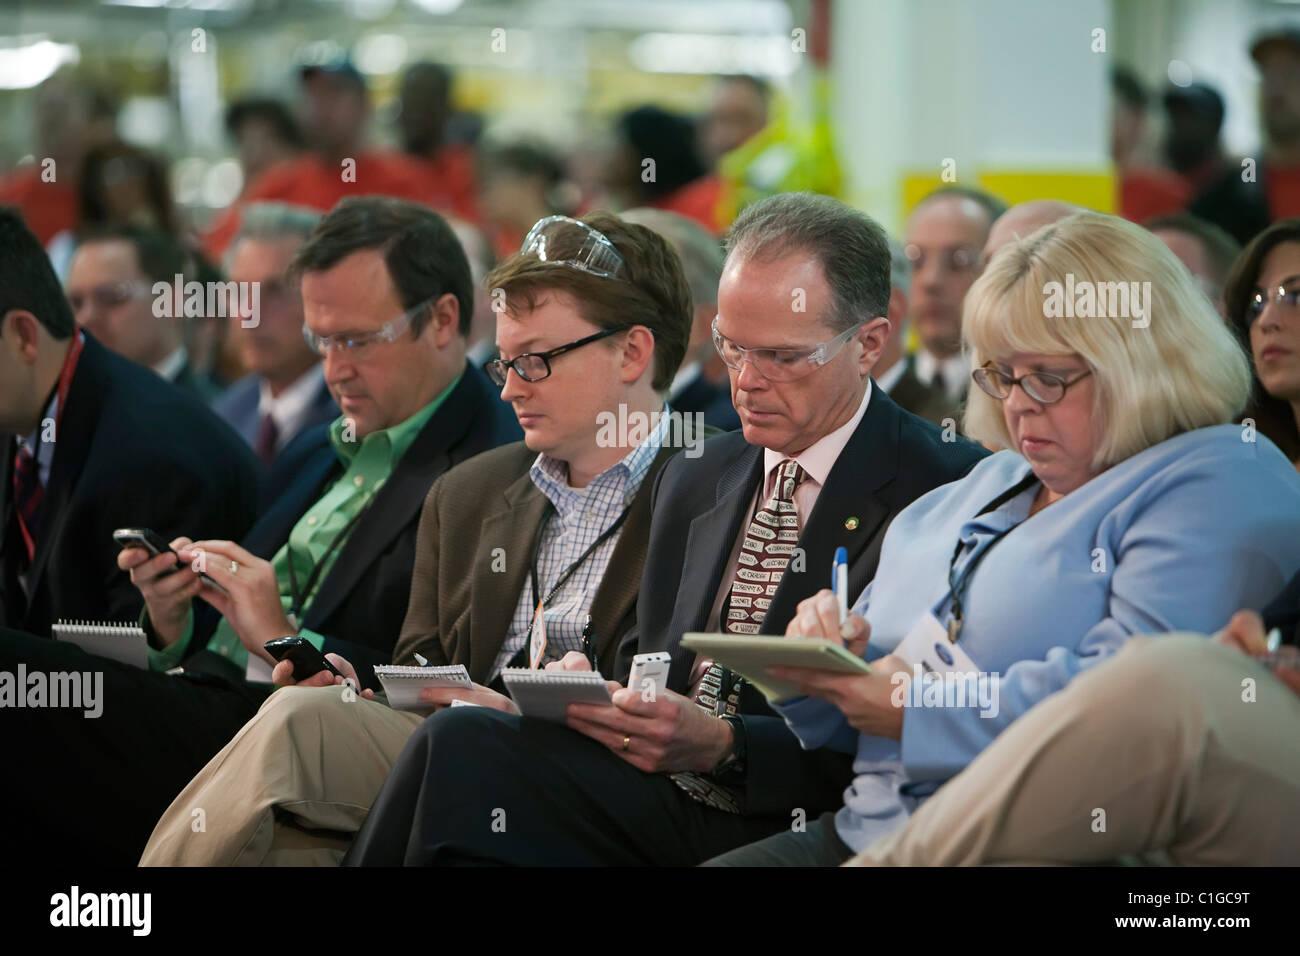 Los reporteros tomar notas durante los discursos de los funcionarios del sindicato y de la empresa en un evento Foto de stock